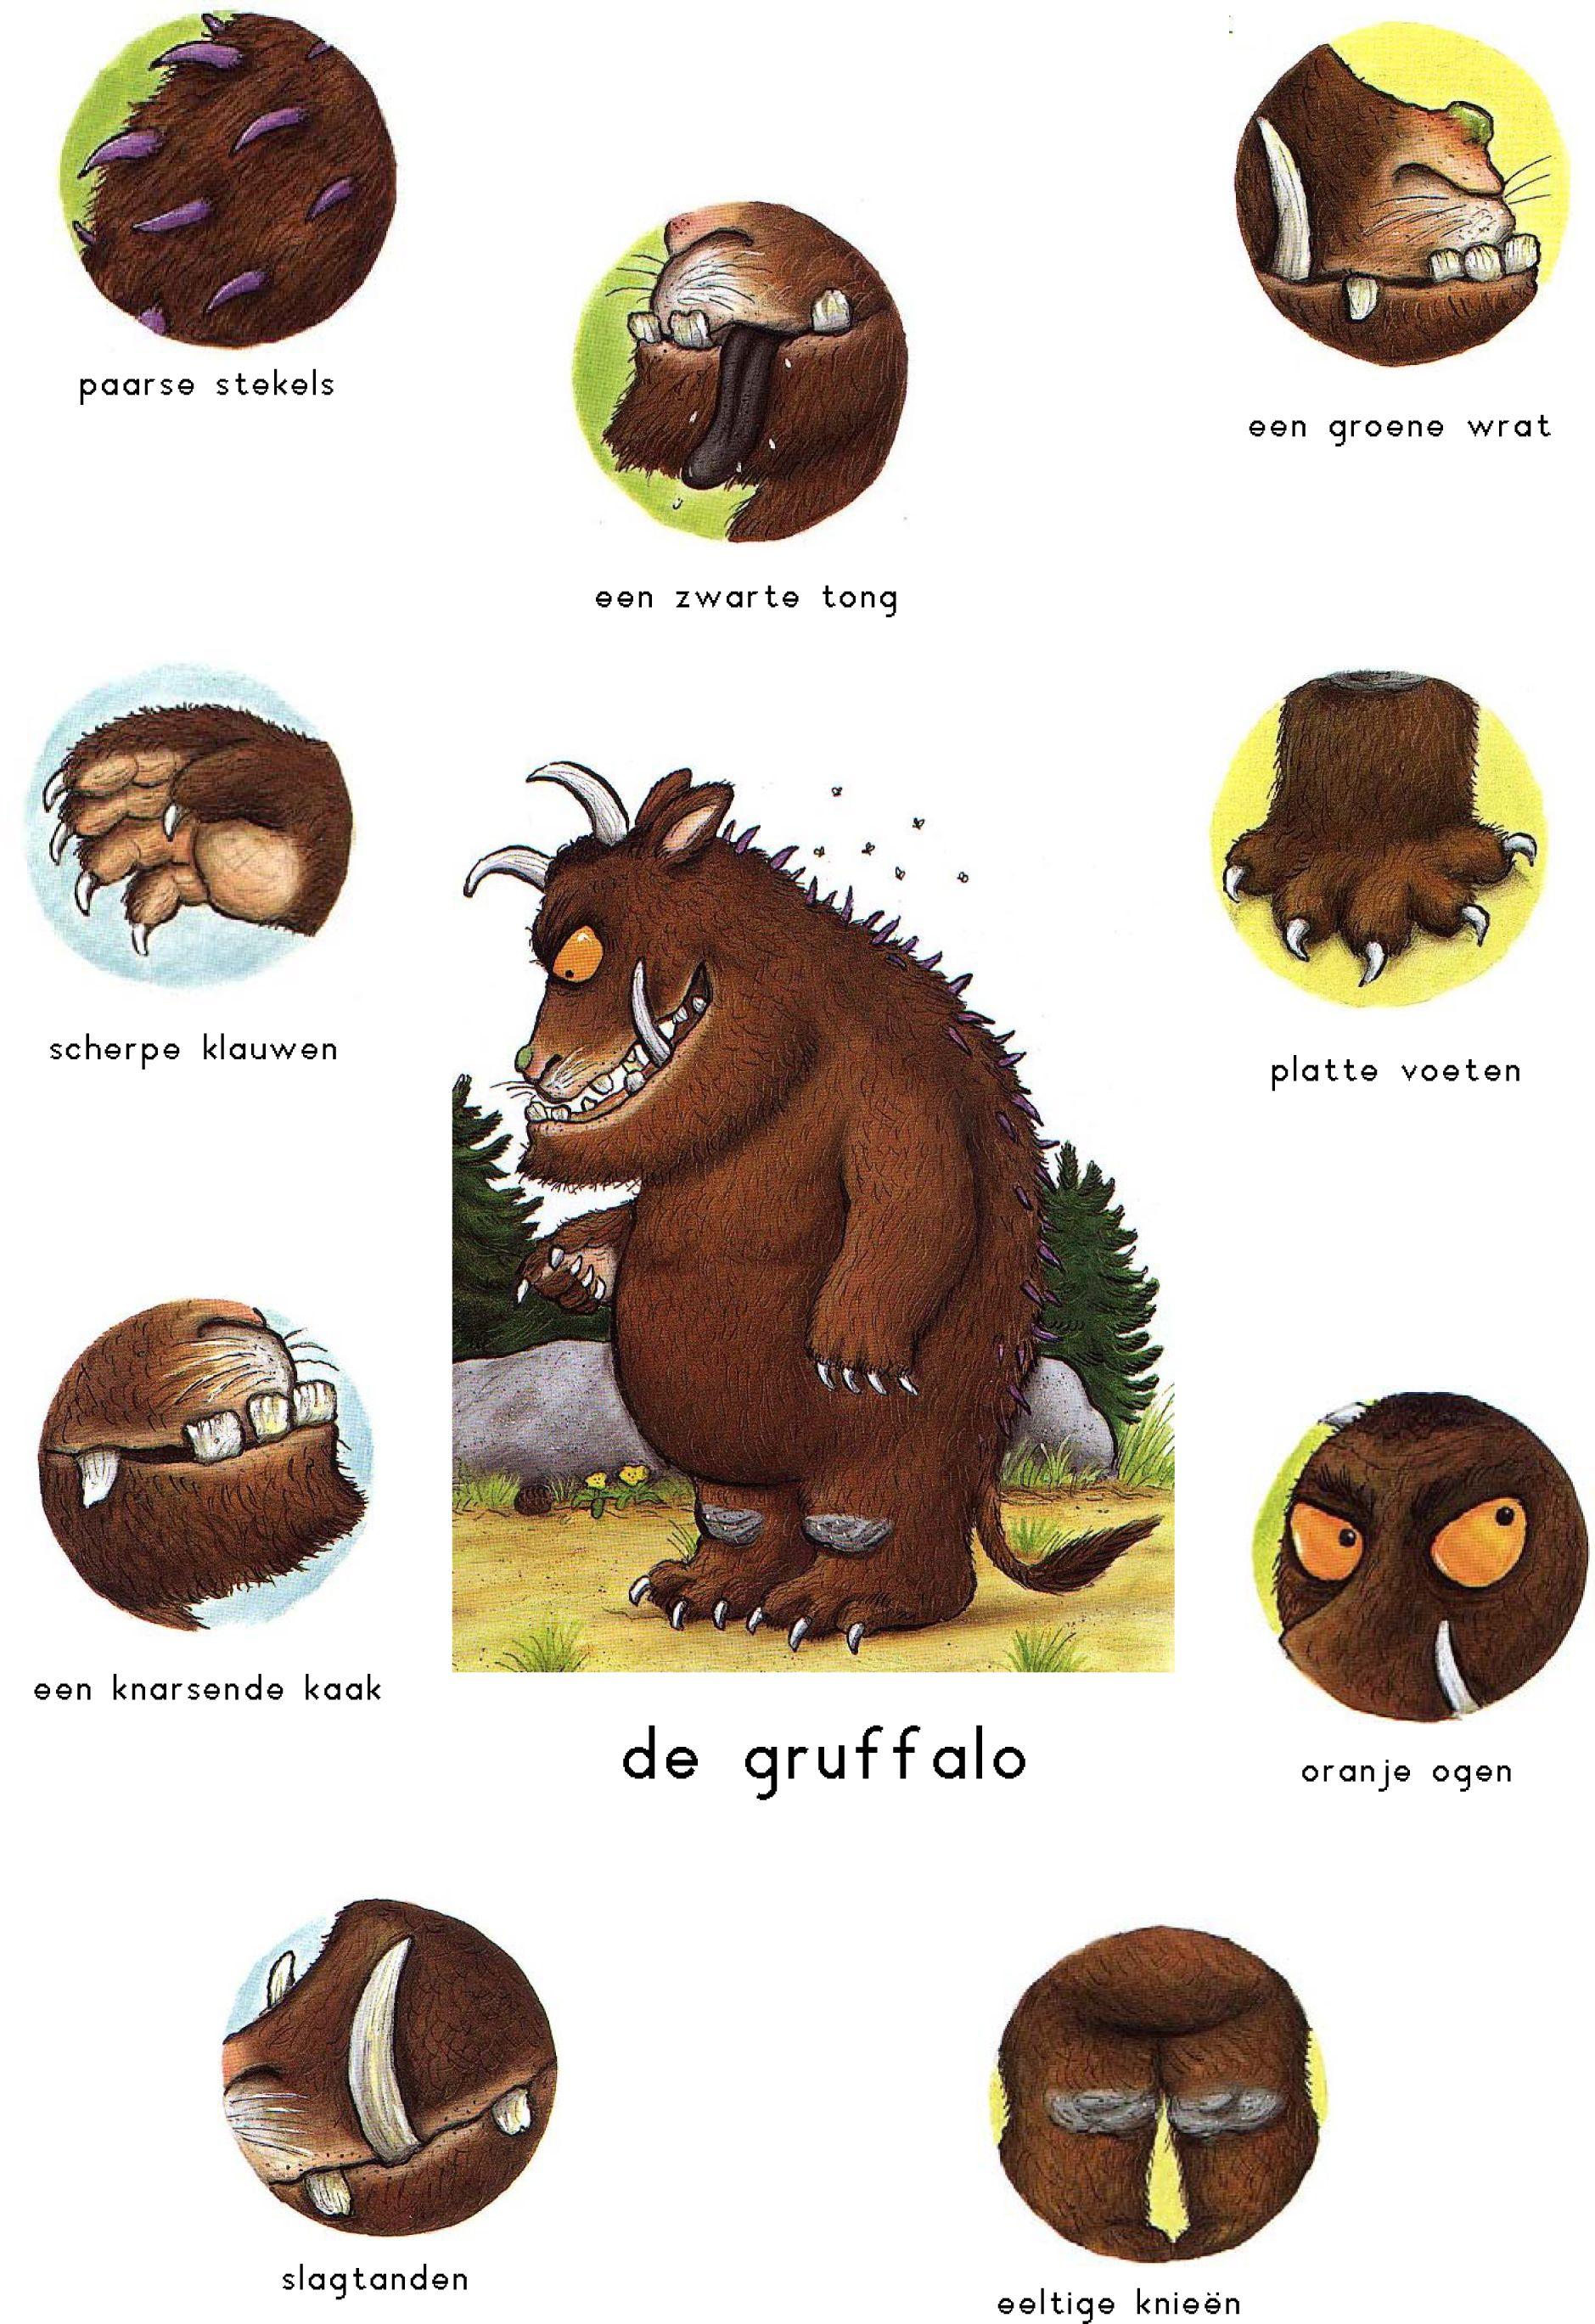 Praatplaat De Gruffalo